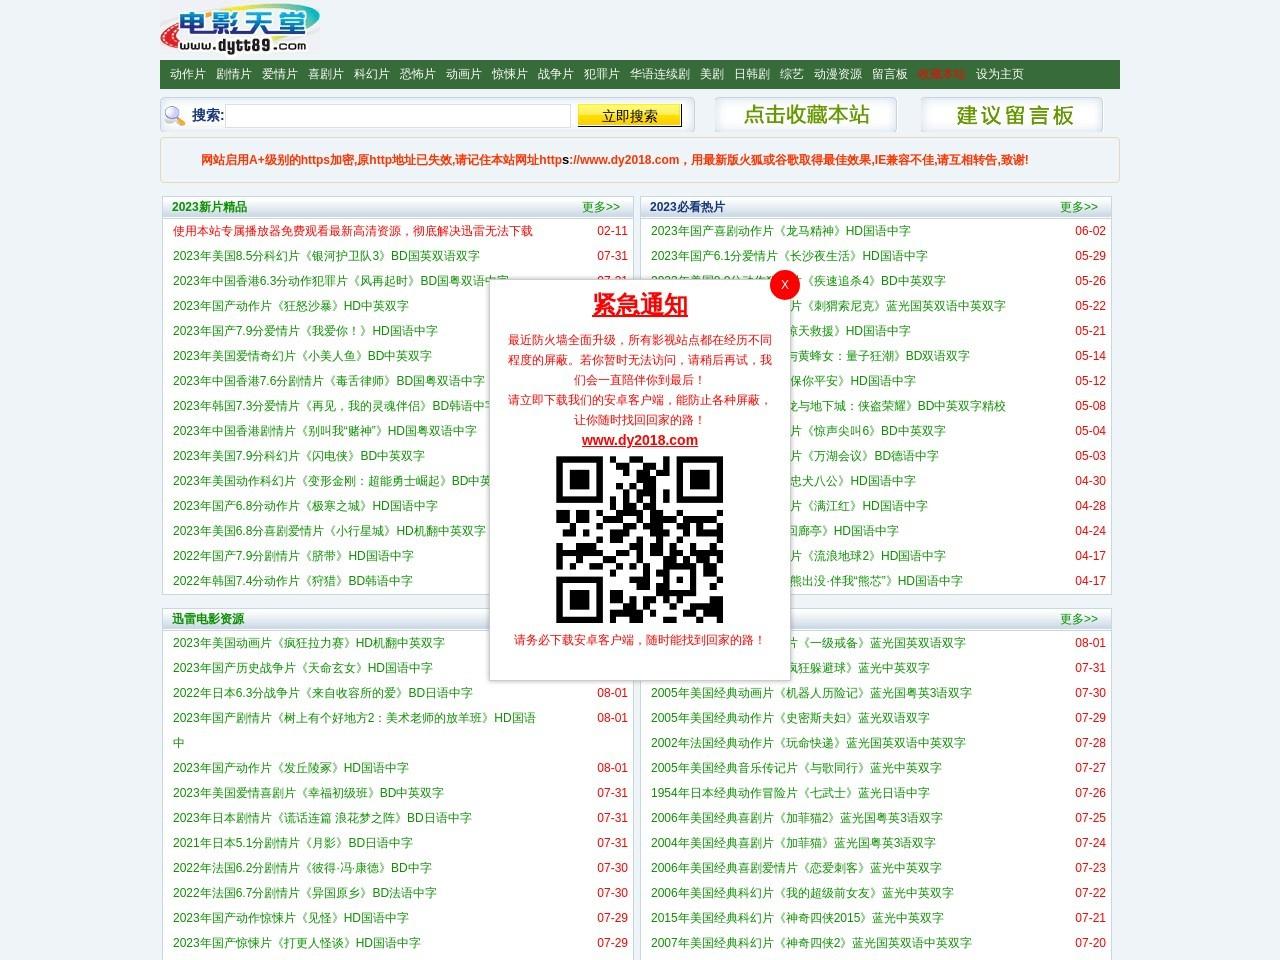 电影天堂官网_电影天堂_电影下载_高清首发